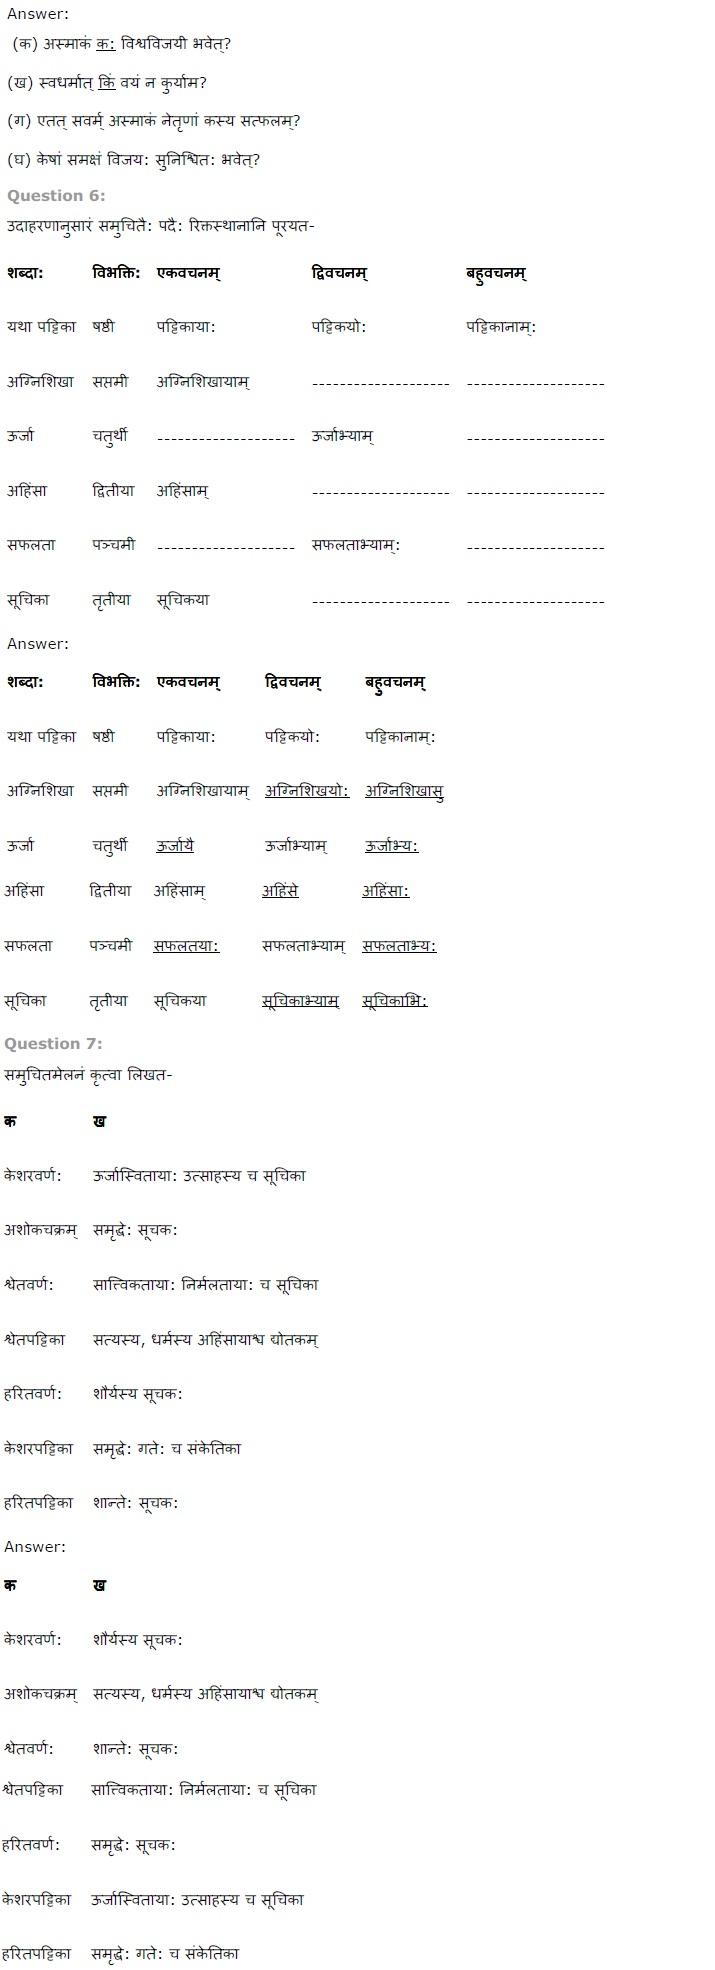 NCERT Solutions for Class 7th Sanskrit Chapter 8 - त�रिवर�ण ध�वज